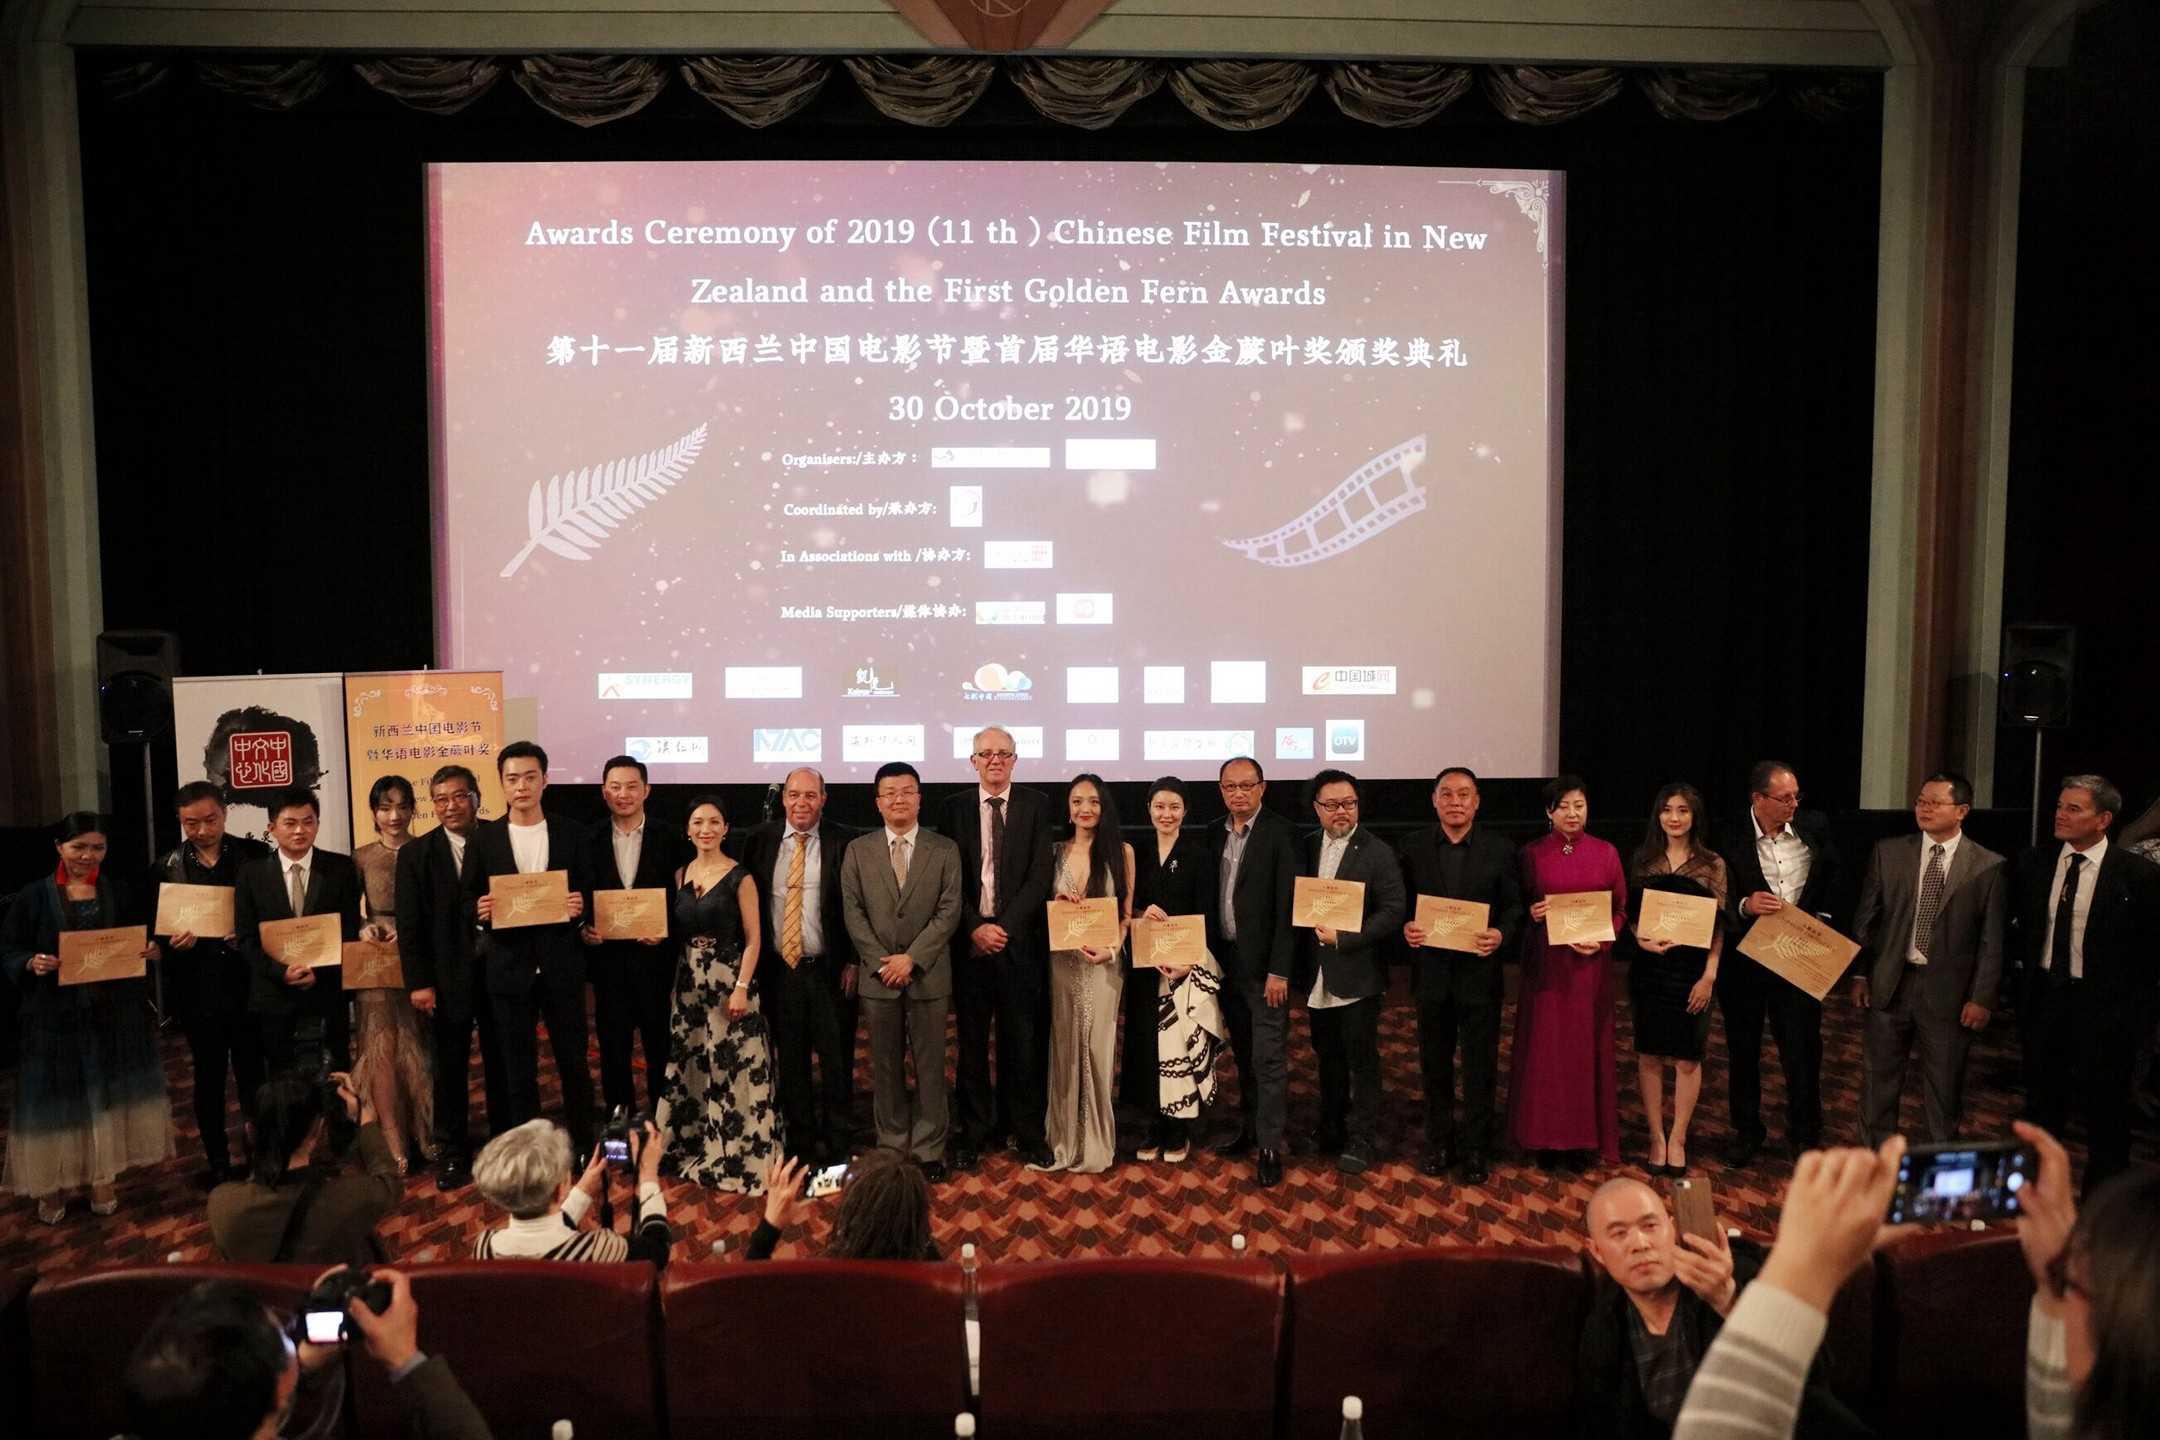 华语电影金嶡叶奖《流浪地球》《一切如你》成为最大赢家 (4).jpg